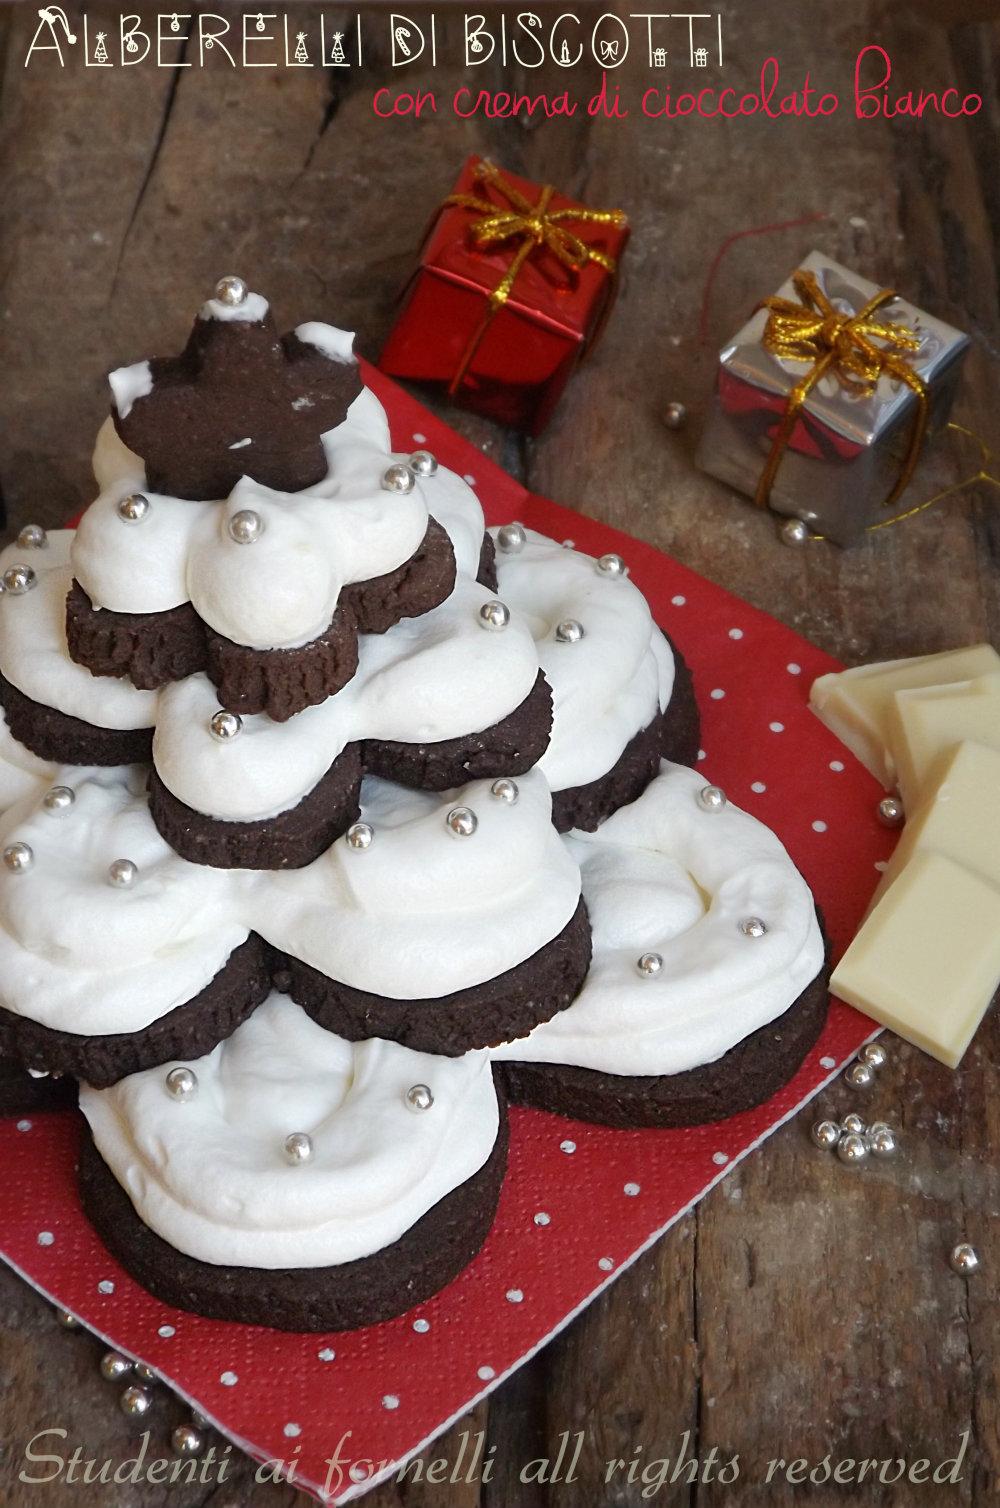 Segnaposto Natalizi Alimentari.Alberelli Di Biscotti Al Cioccolato Per Natale Ricetta